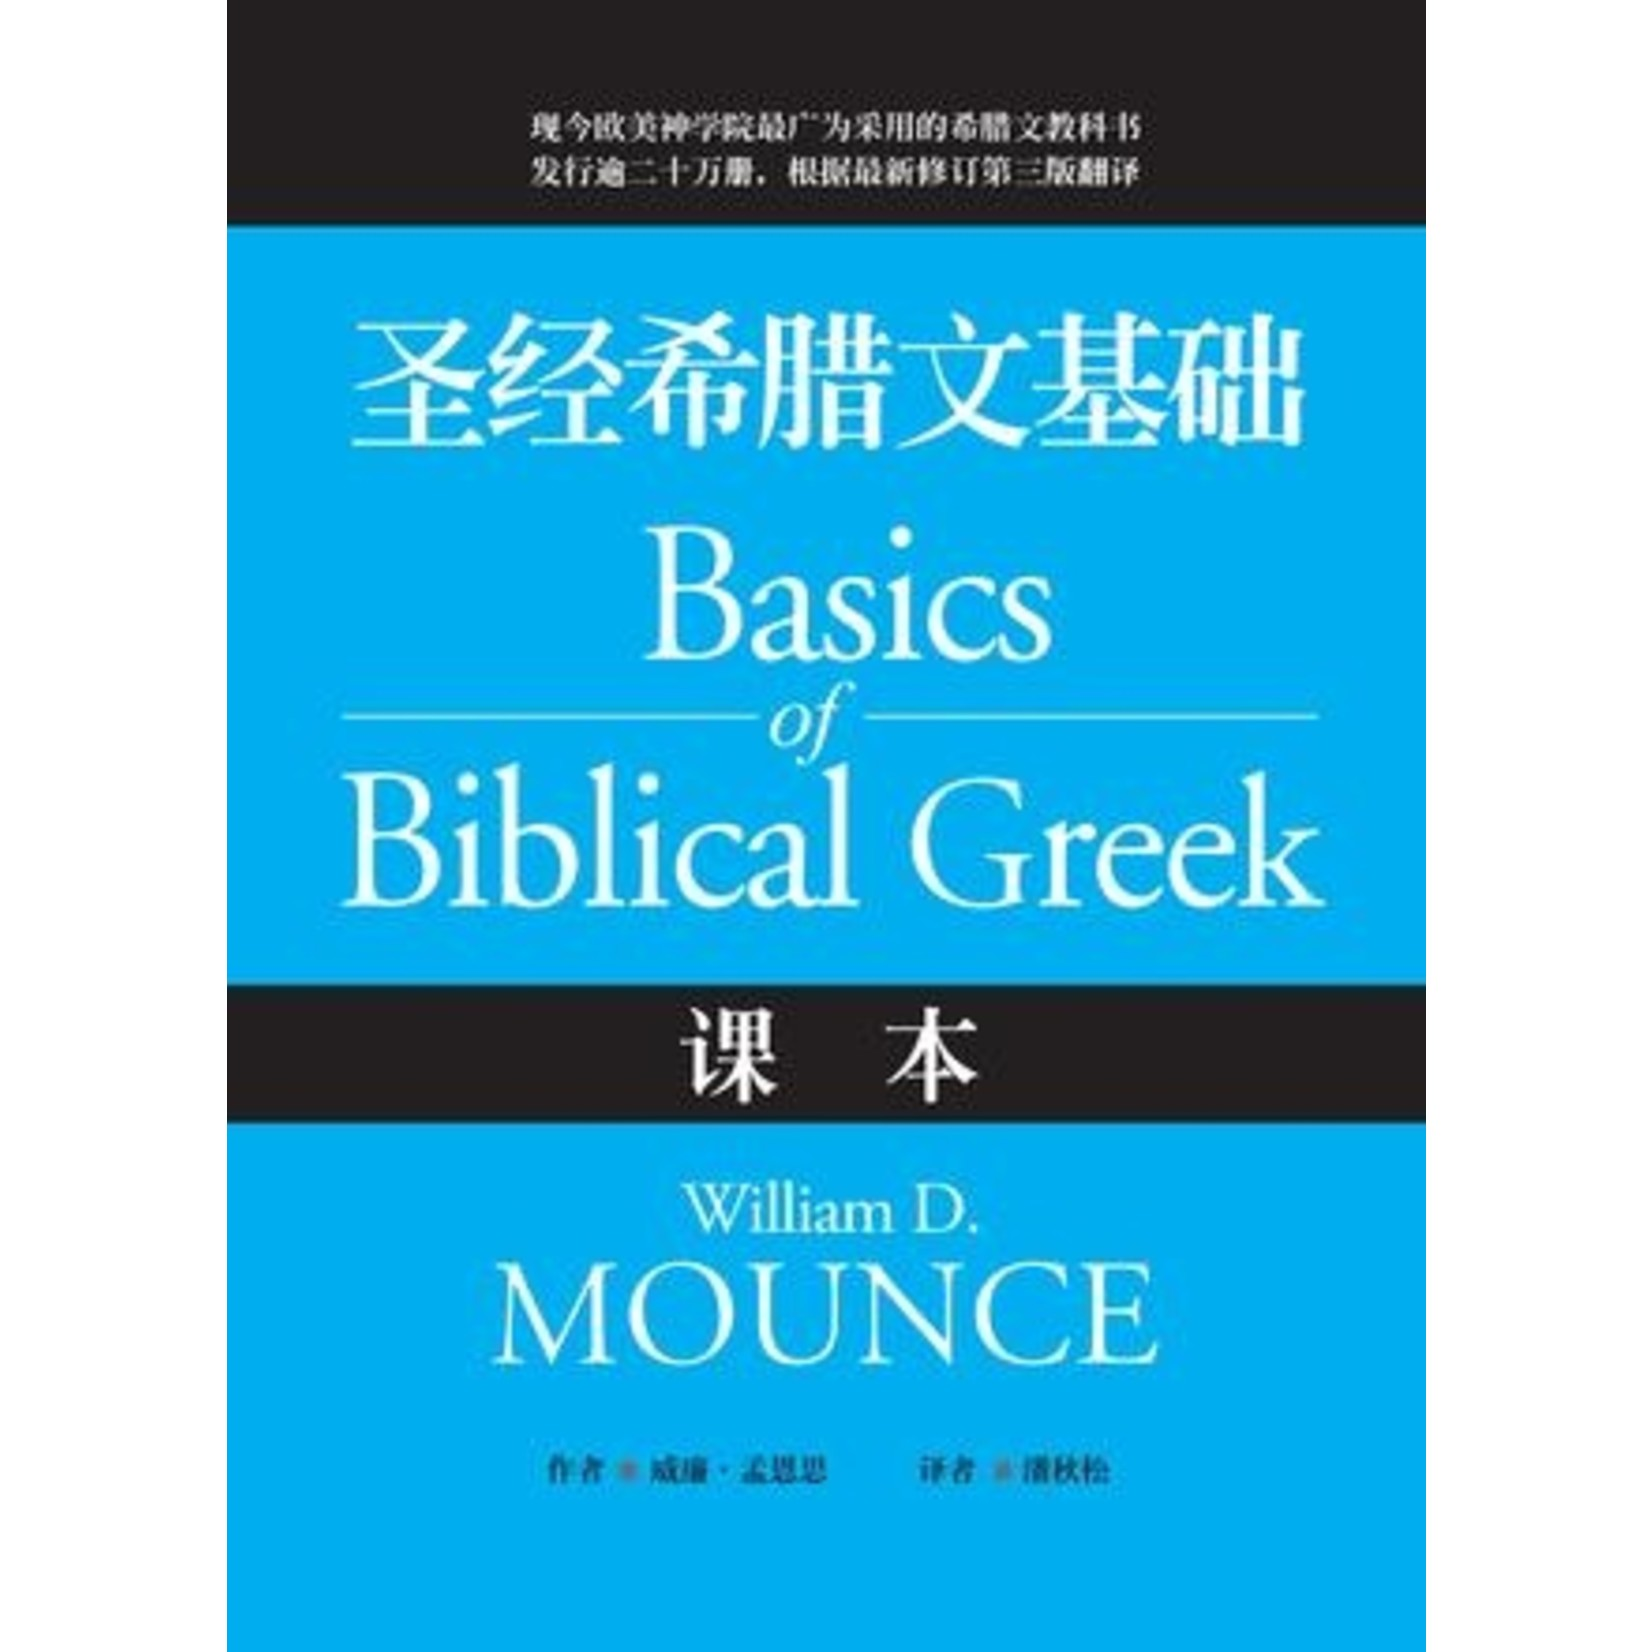 美國麥種傳道會 AKOWCM 聖經希臘文基礎:課本(修訂版)(簡體) Basics of Biblical Greek